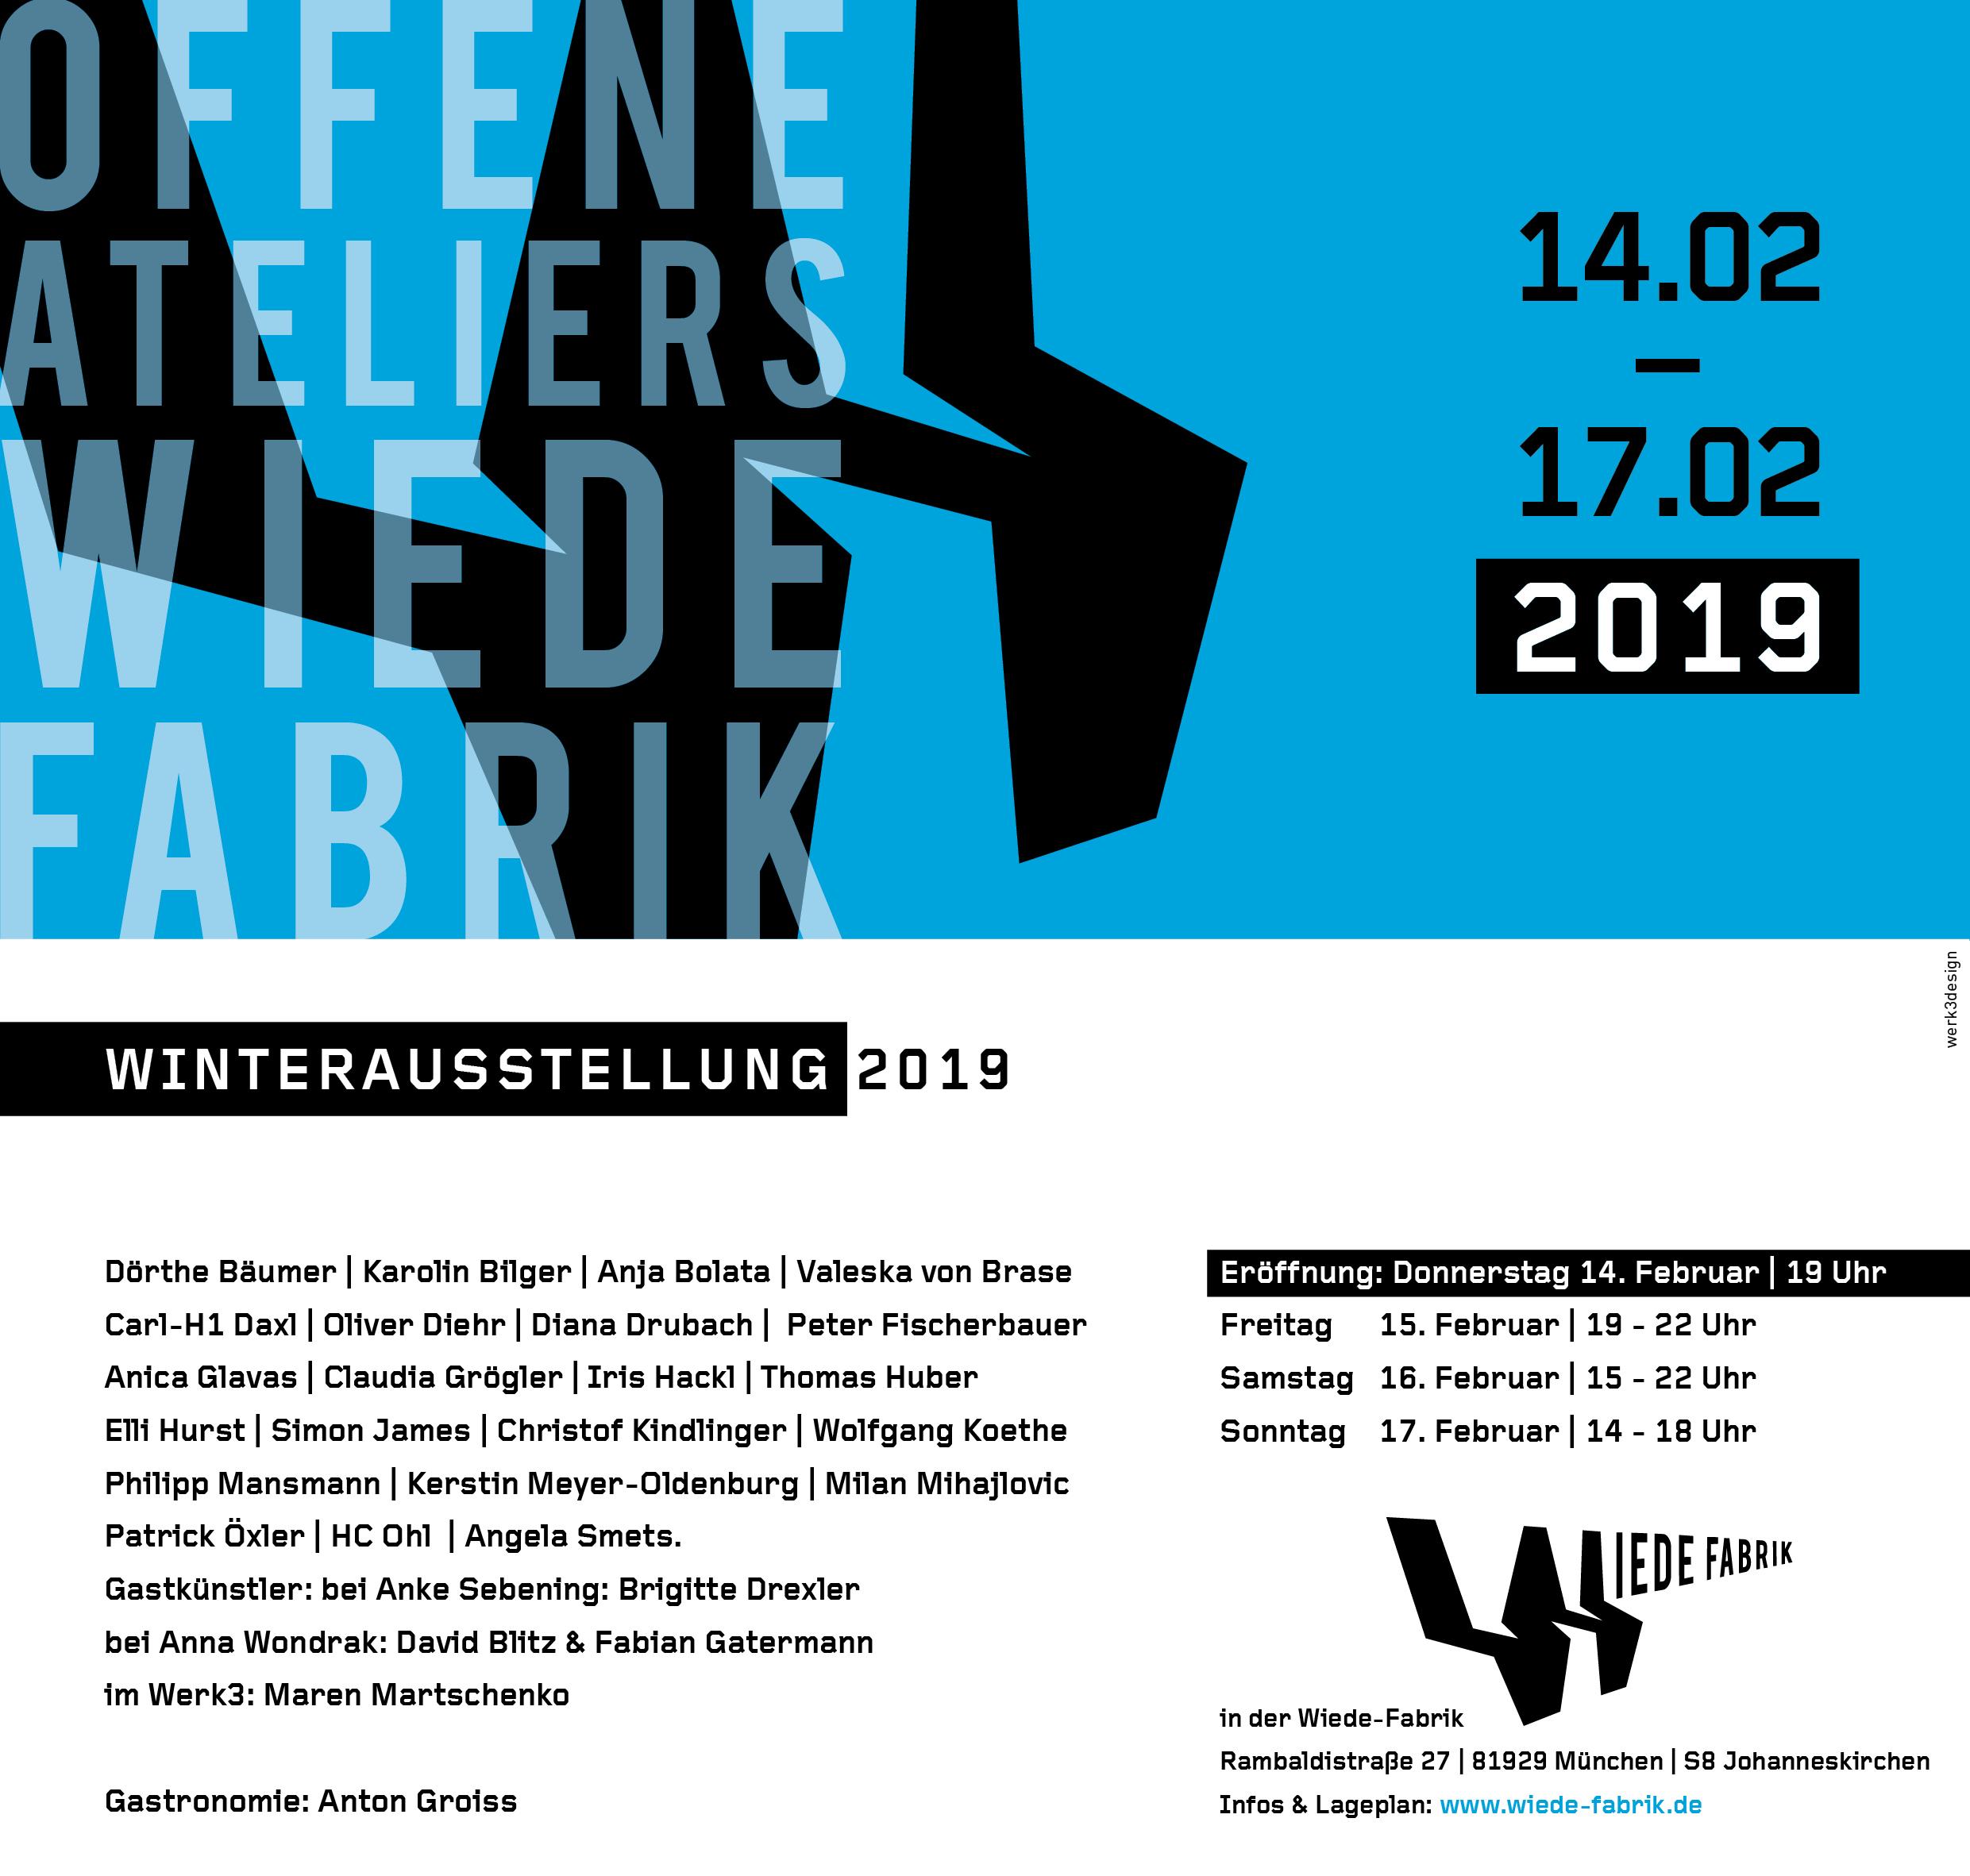 Freitagskühe zu Gast in der Winterausstellung der Wiede-Farbrik vom 14. bis 17. Februar 2019